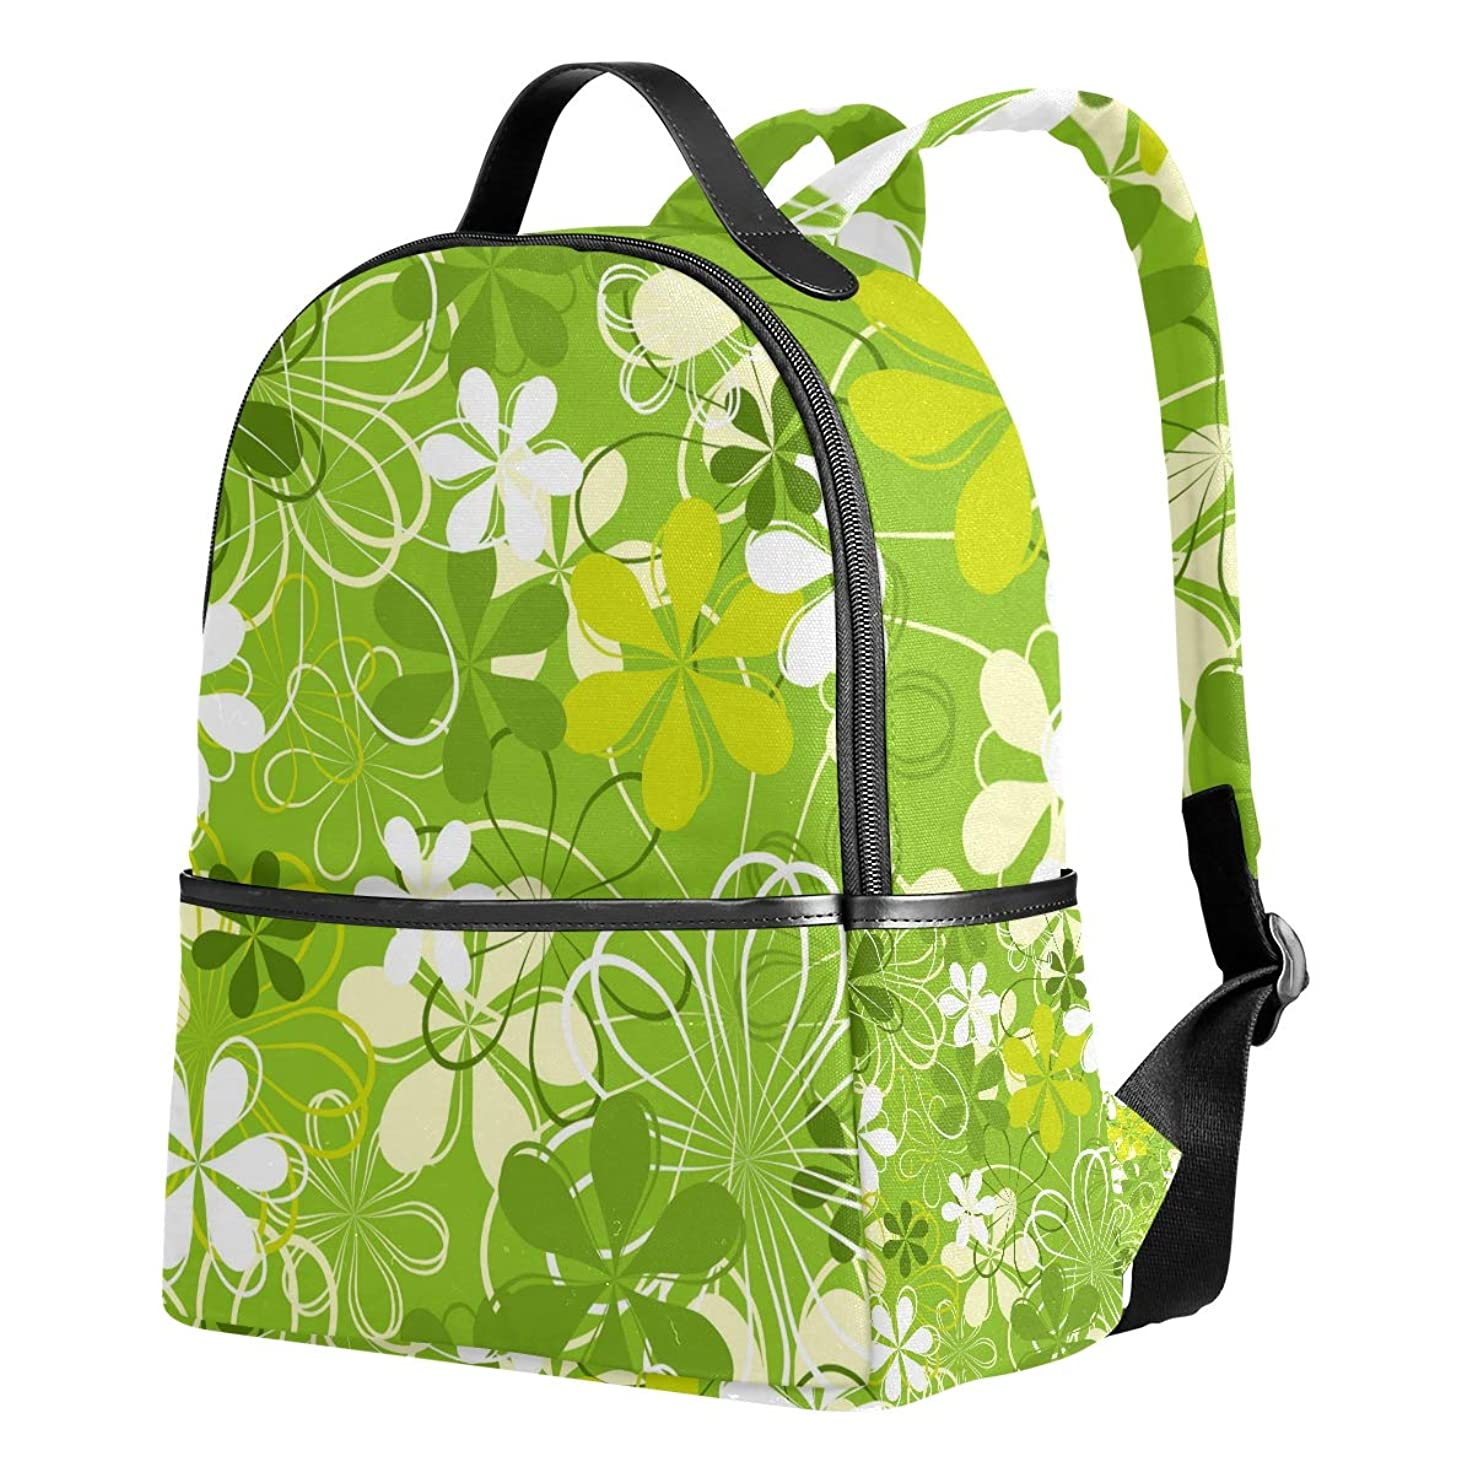 ヘア対象テクトニックリュック おしゃれ レディース 大容量 軽量 花柄 綺麗 グリーン リュックサック 通学 多機能 プレゼント対応